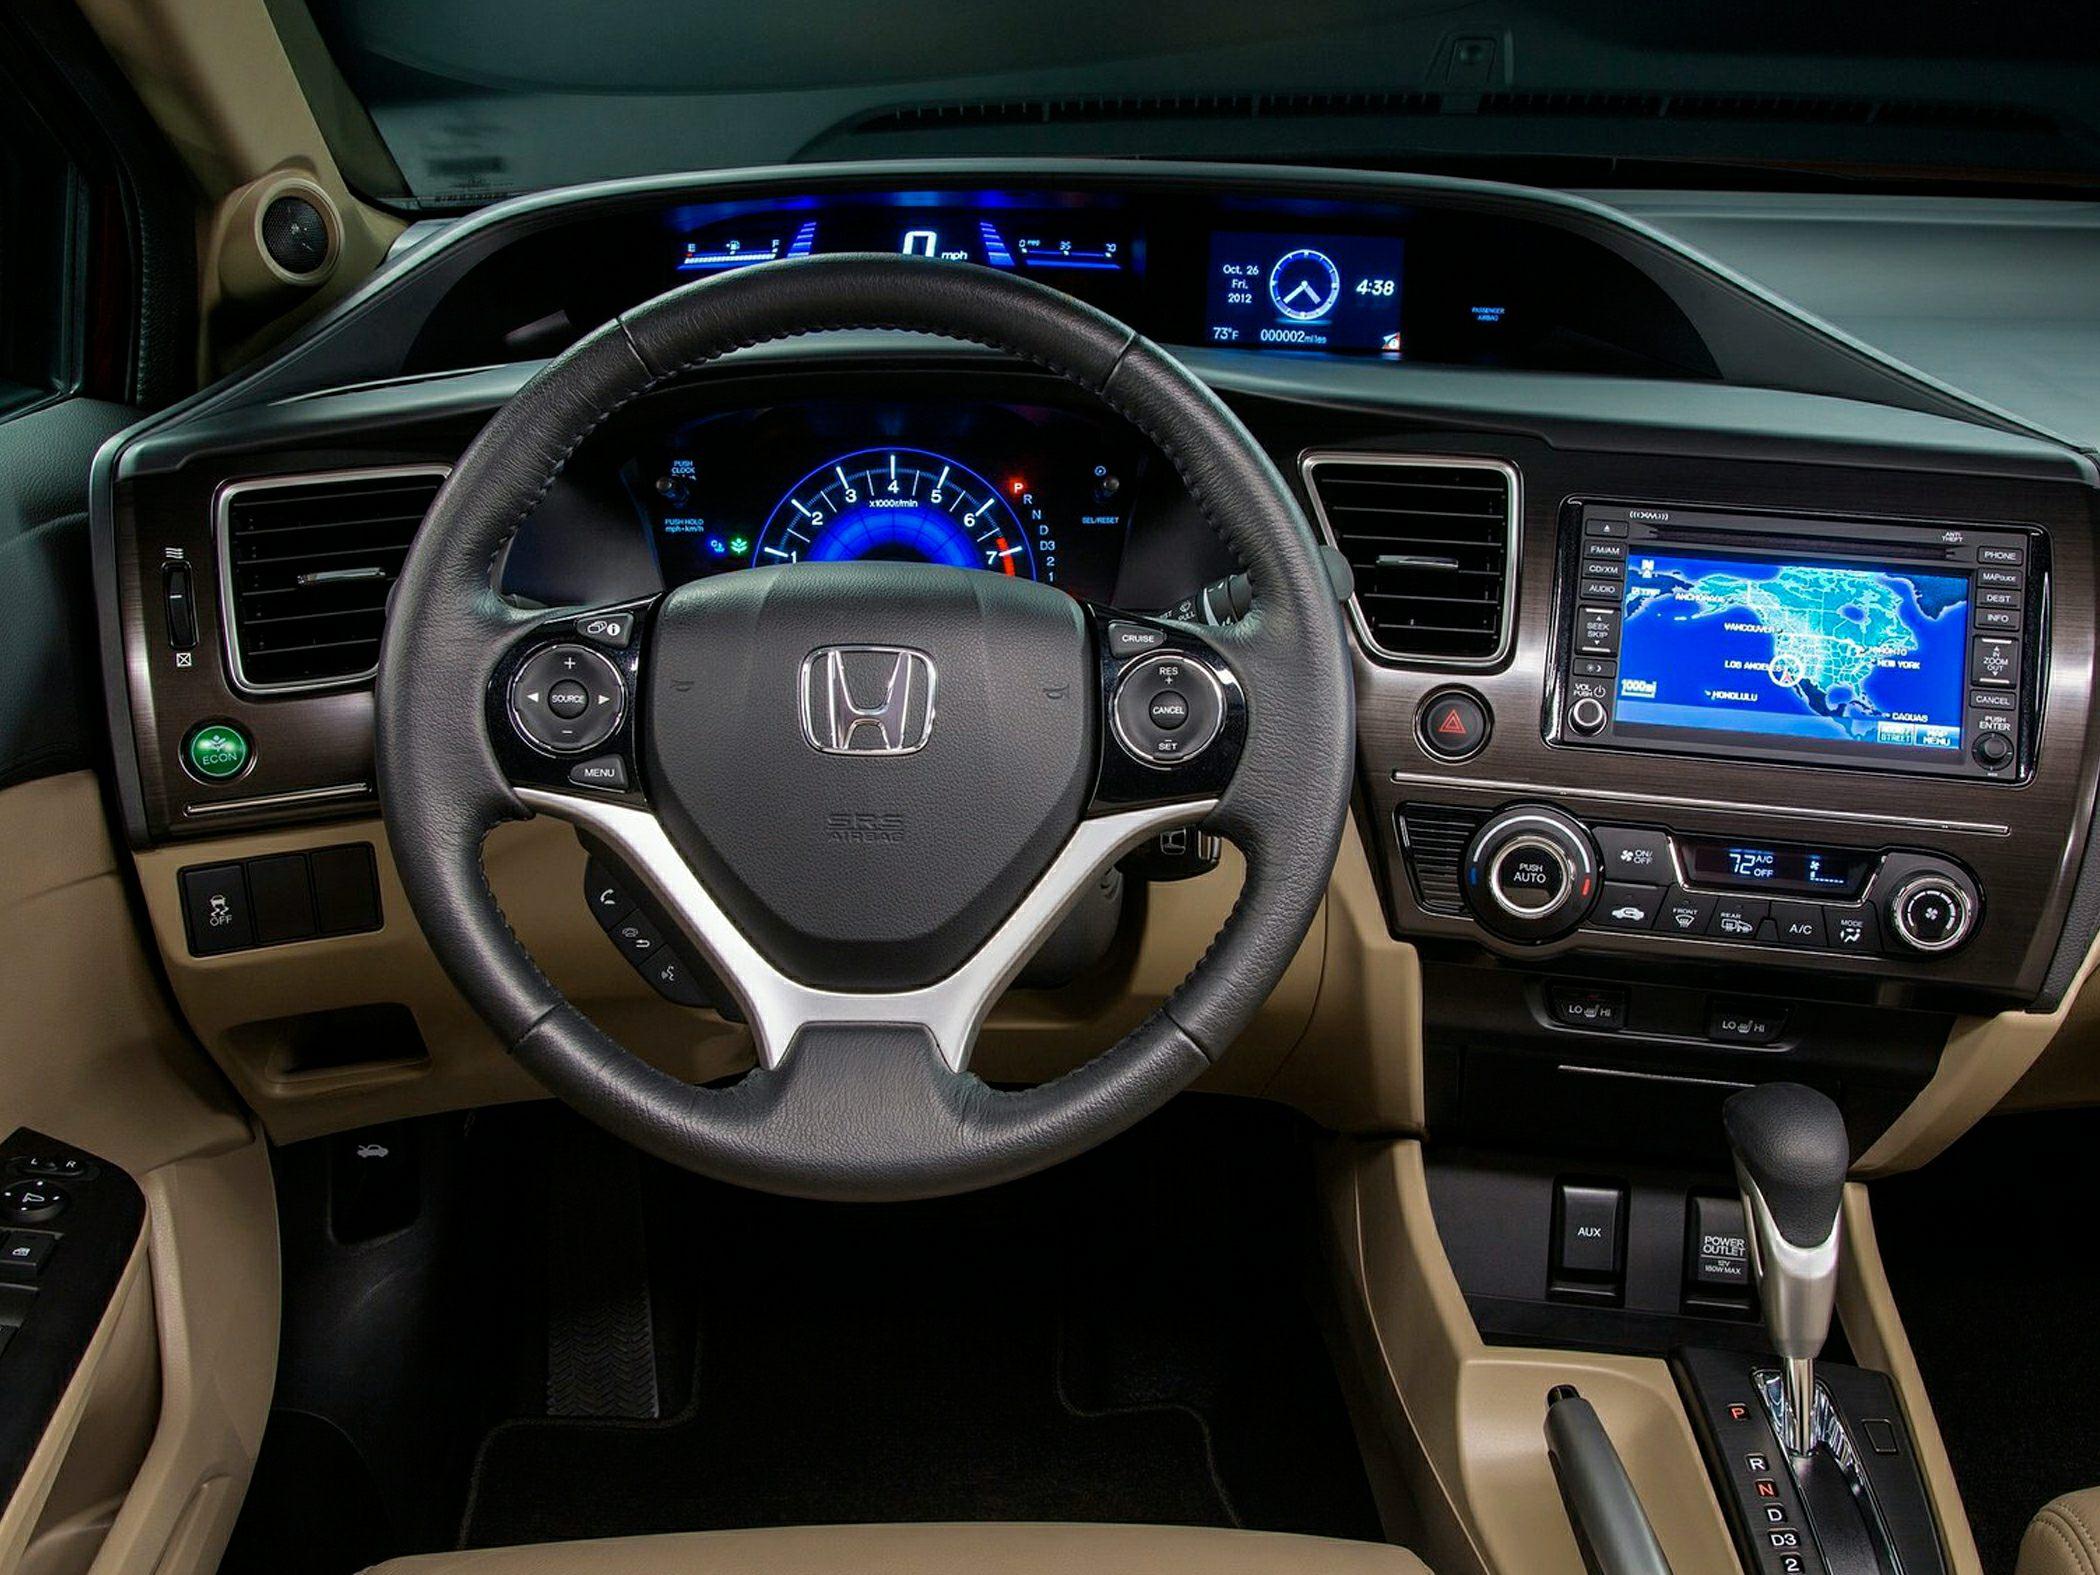 Honda Civic 2011 Sedan Interior